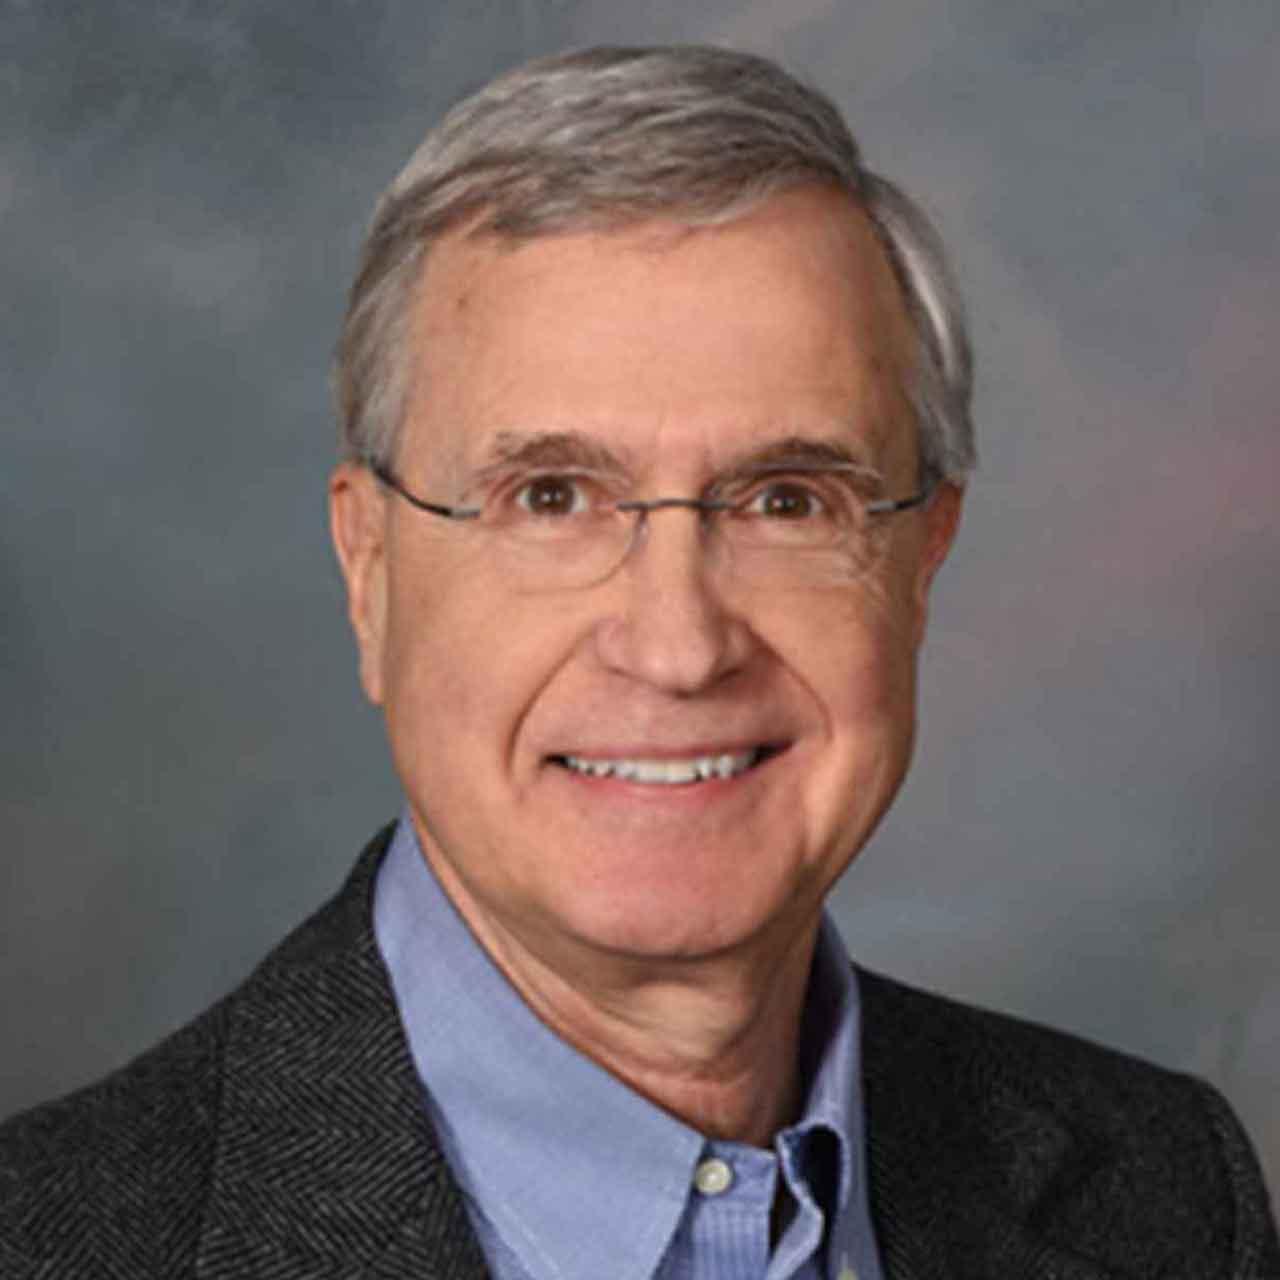 John Beyer